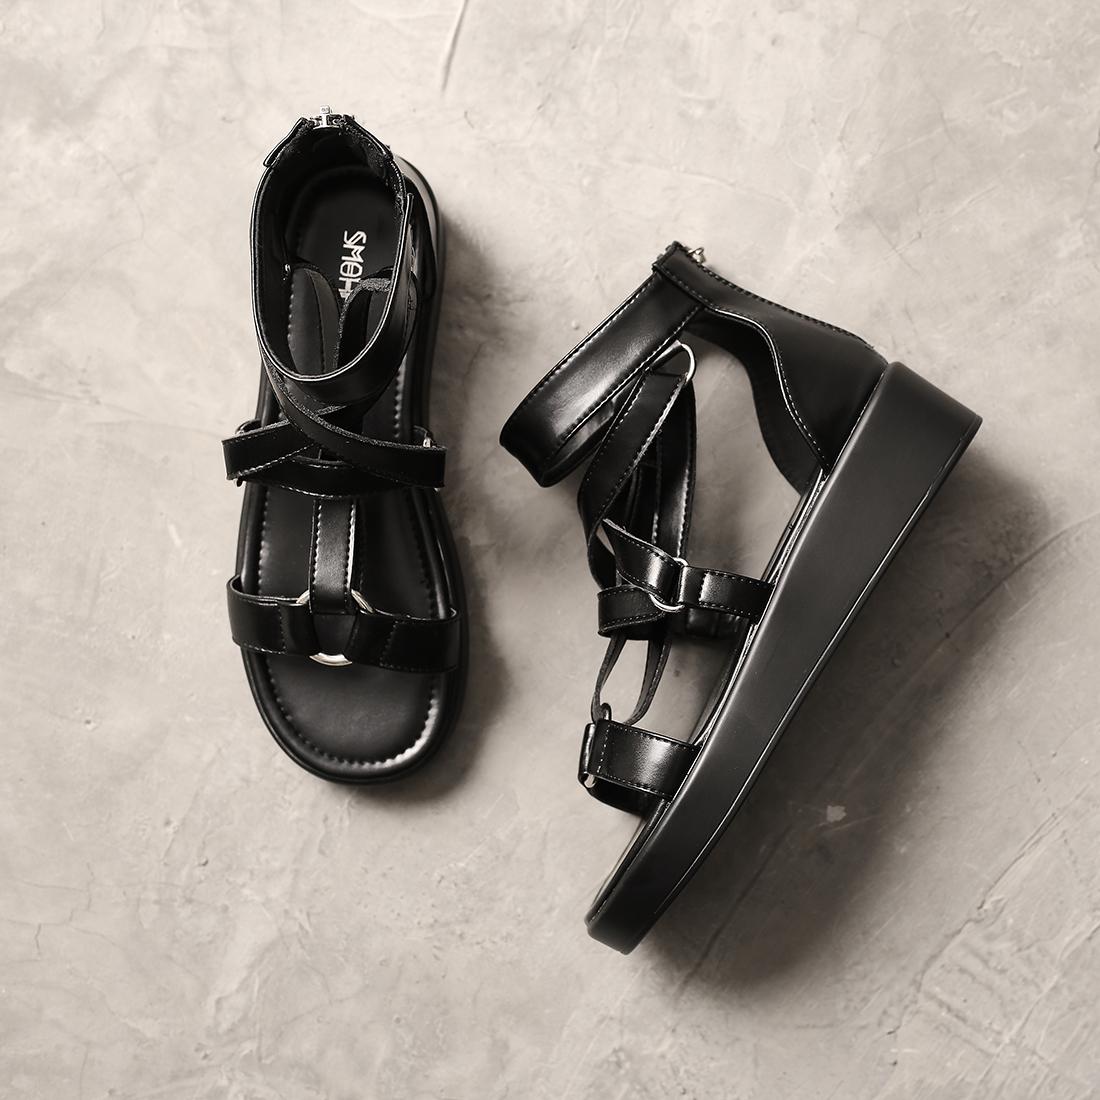 朋克凉鞋原宿风女凉鞋黑色松糕凉鞋厚底增高五芒星罗马鞋SMKB原创